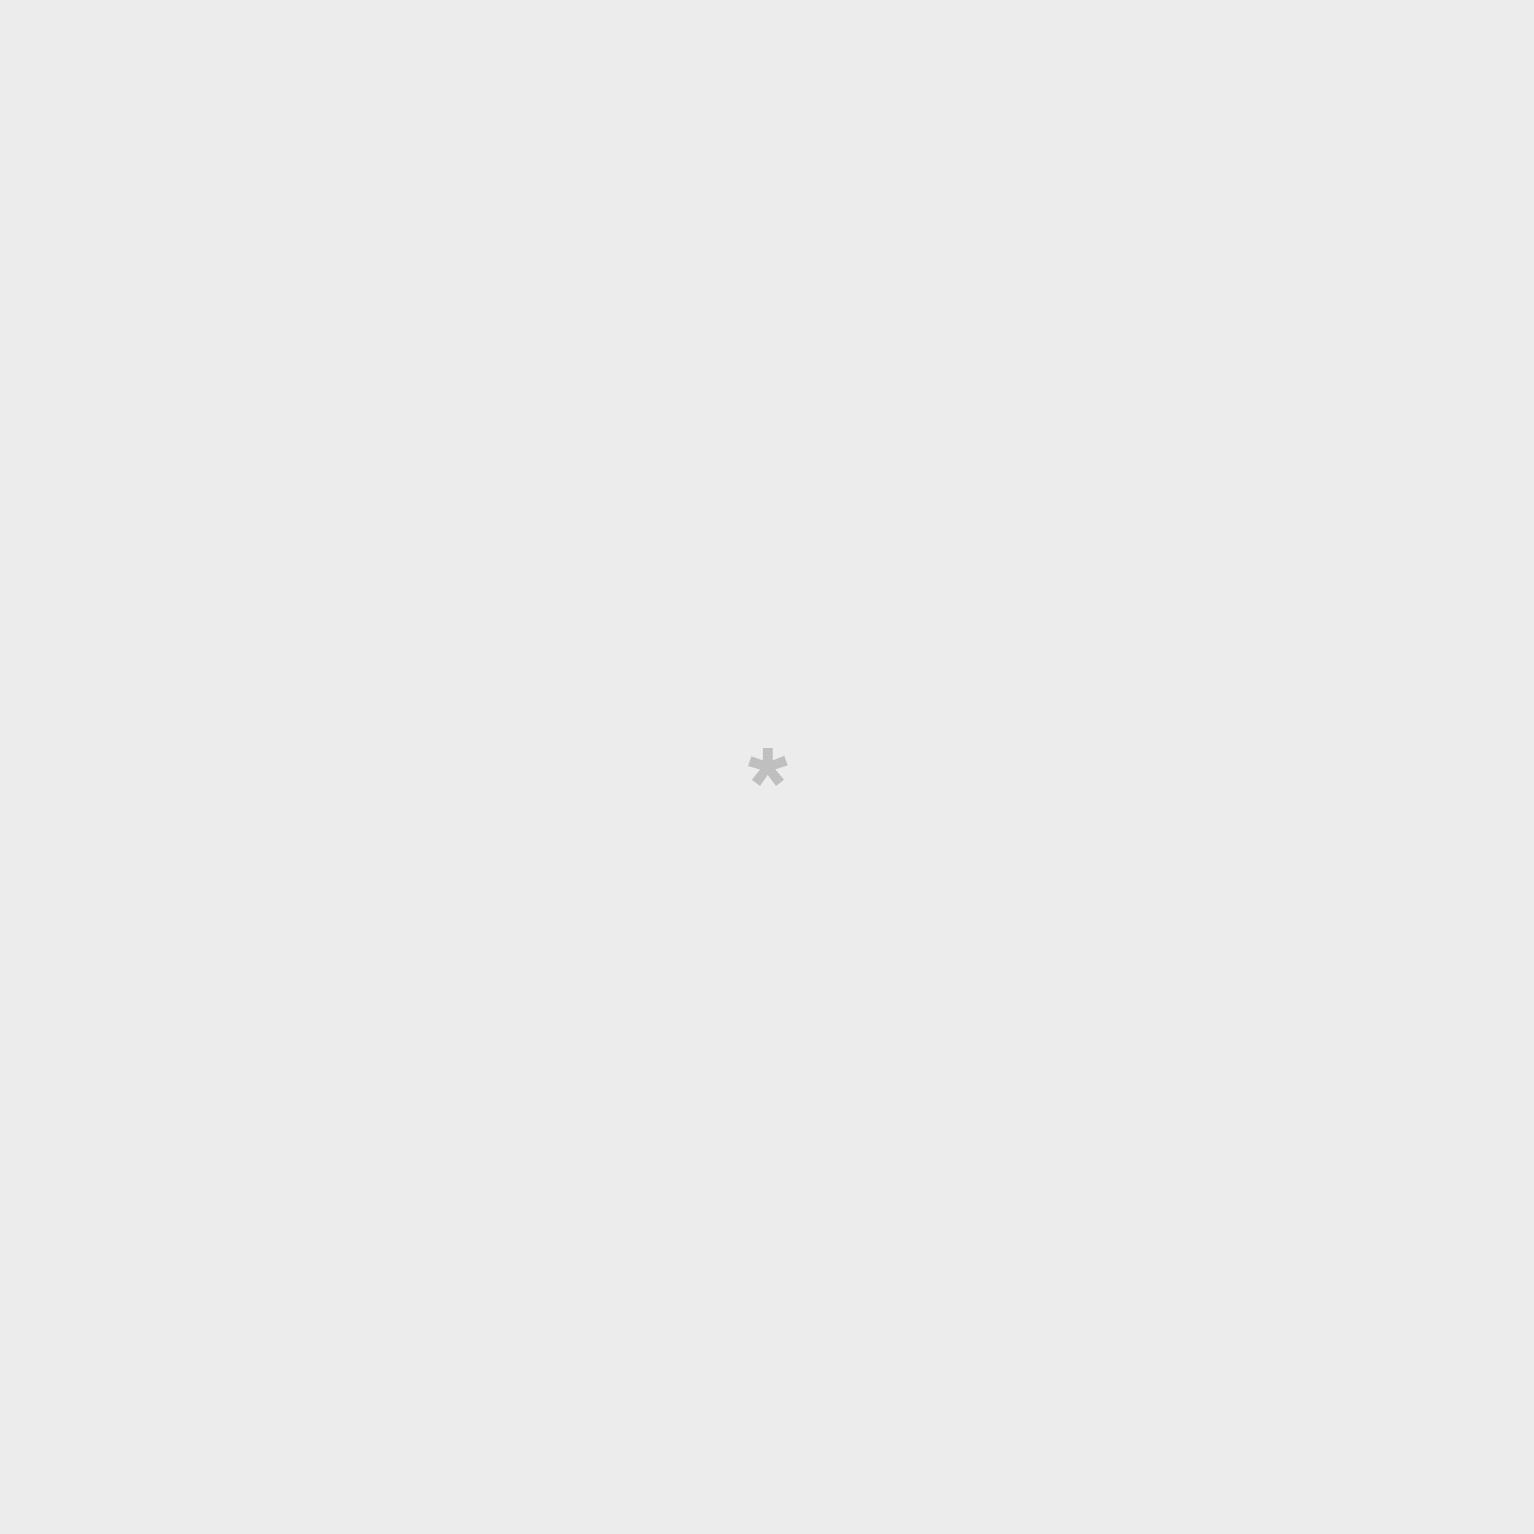 Set de 12 bolis de colores - Happiness looks great on you